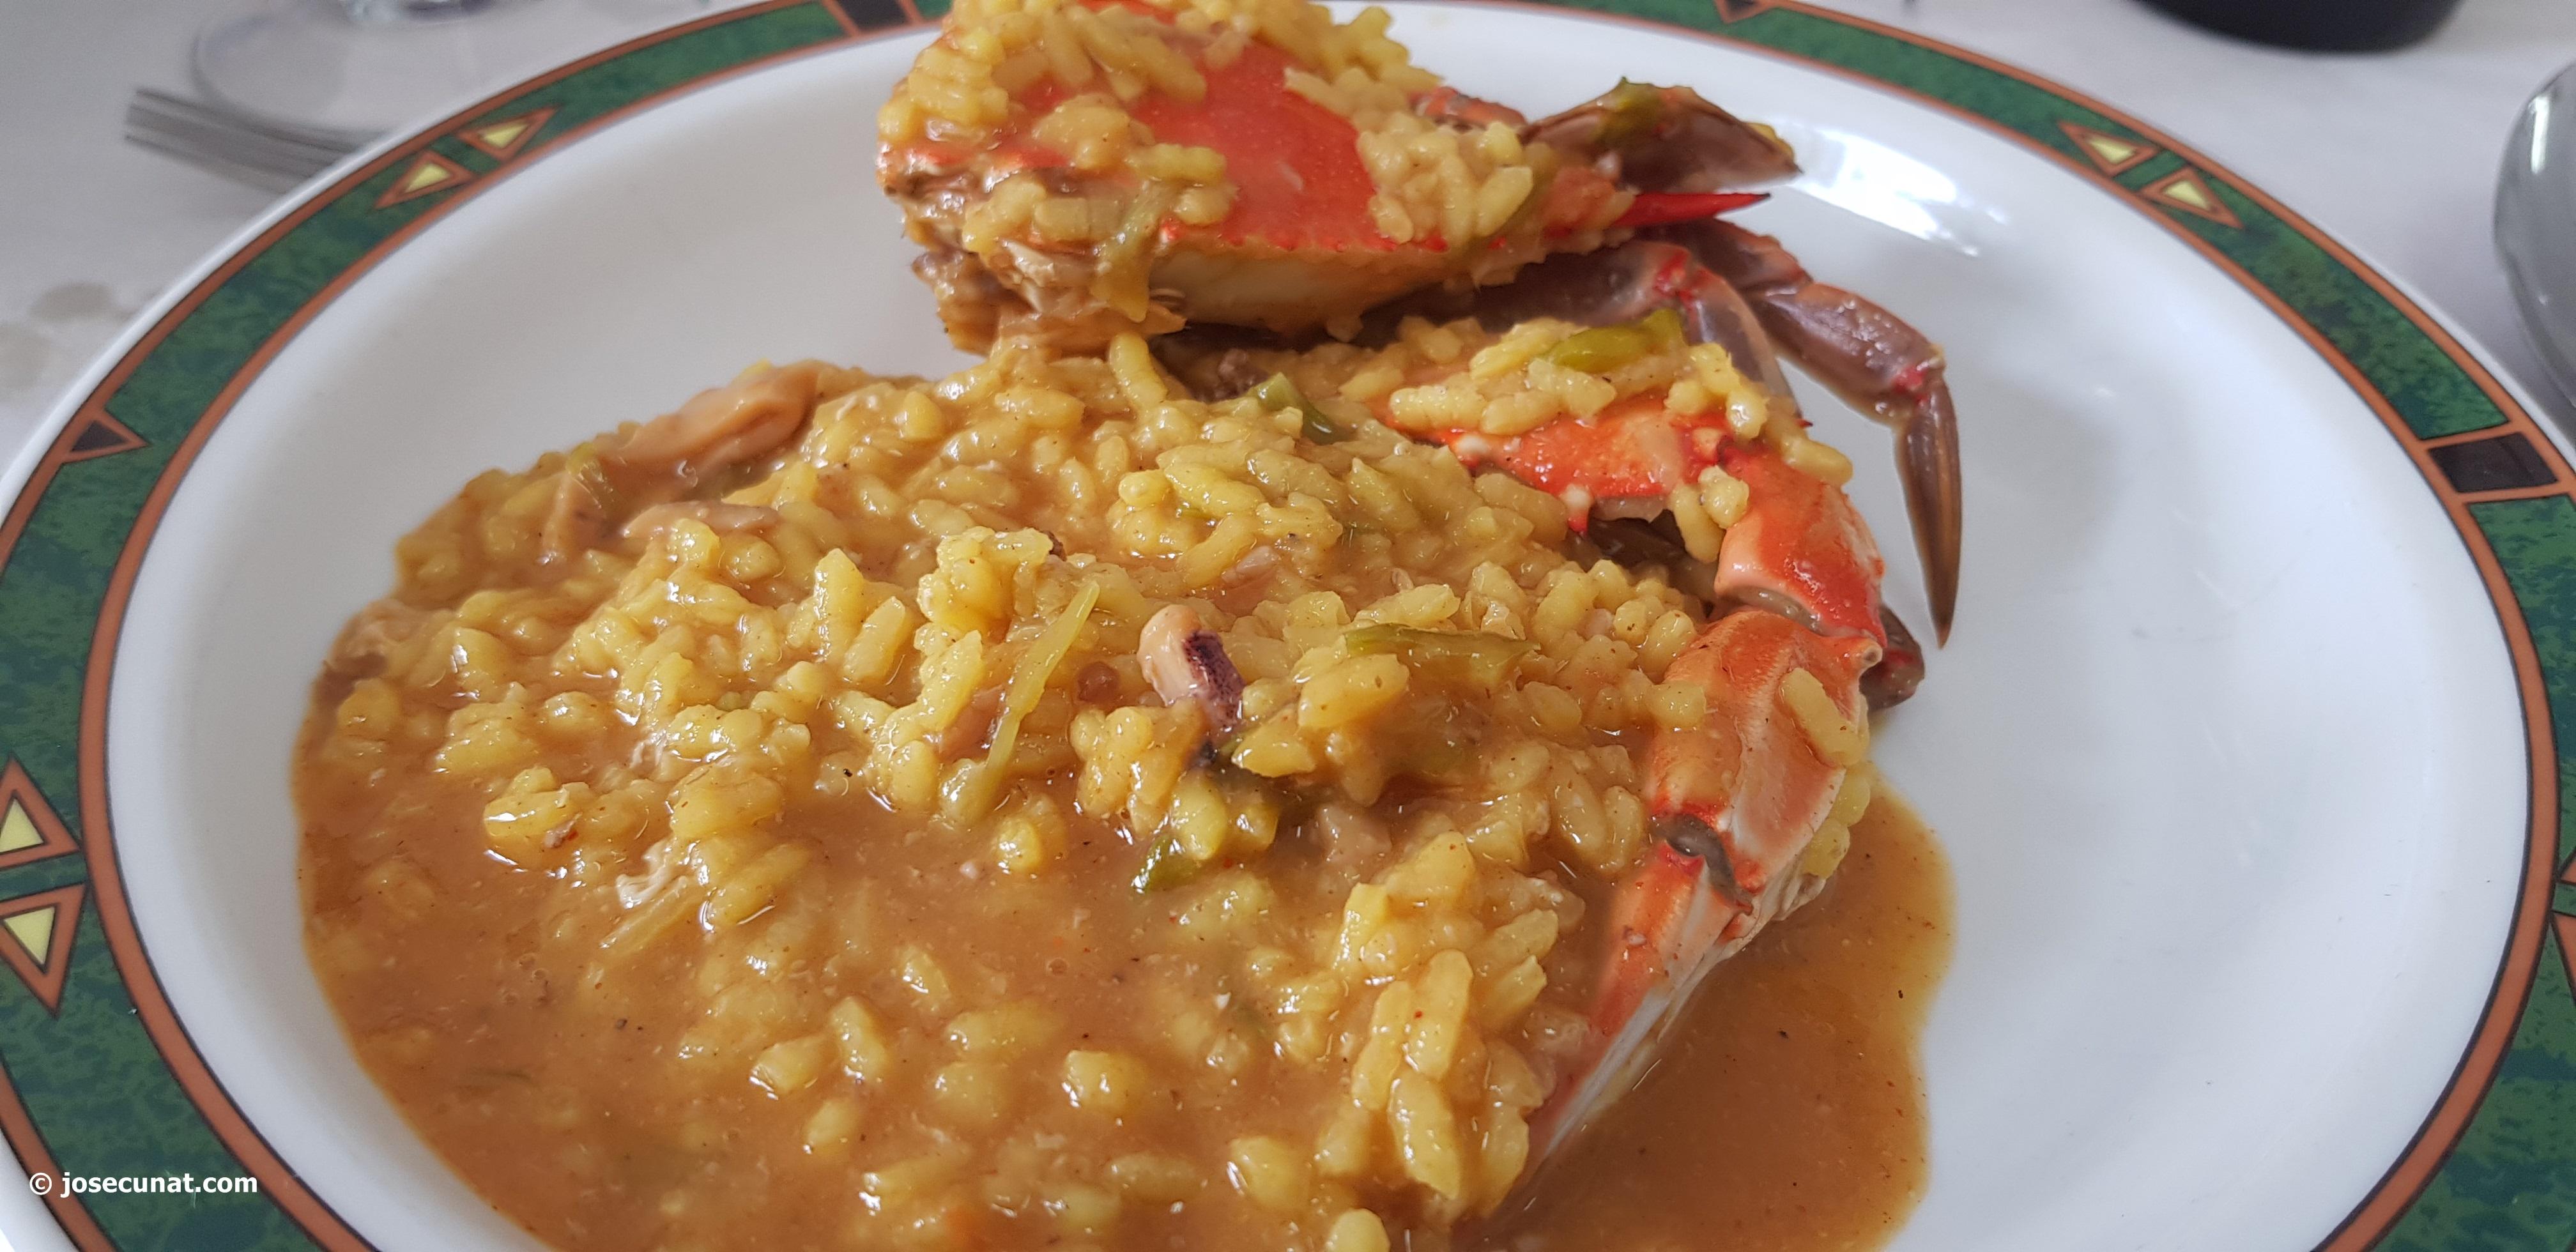 Jornada Gastronómica de la LlotjadeelPalmarque se celebrarádel16 al 22deAbril